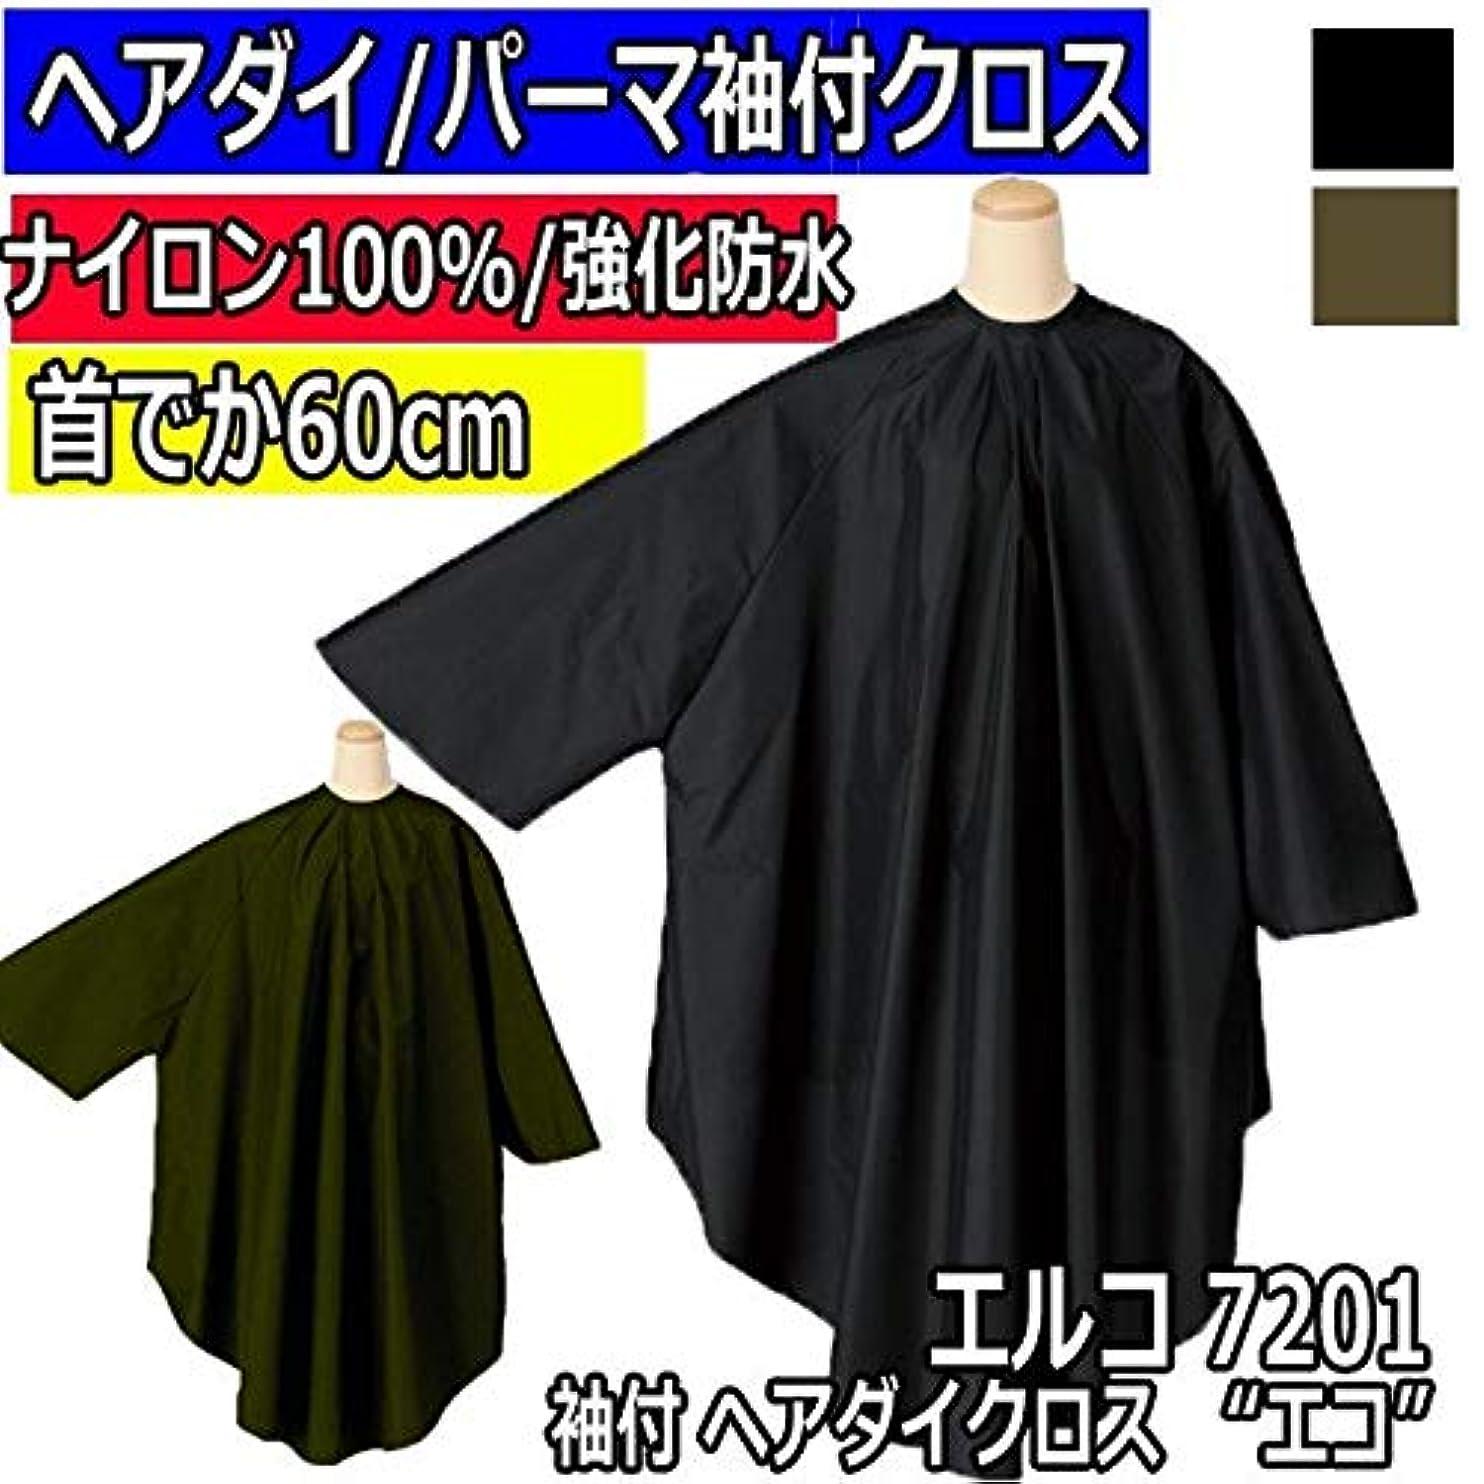 経歴タウポ湖優勢防水加工 7201 袖付 ヘアダイクロス エコ 黒 60